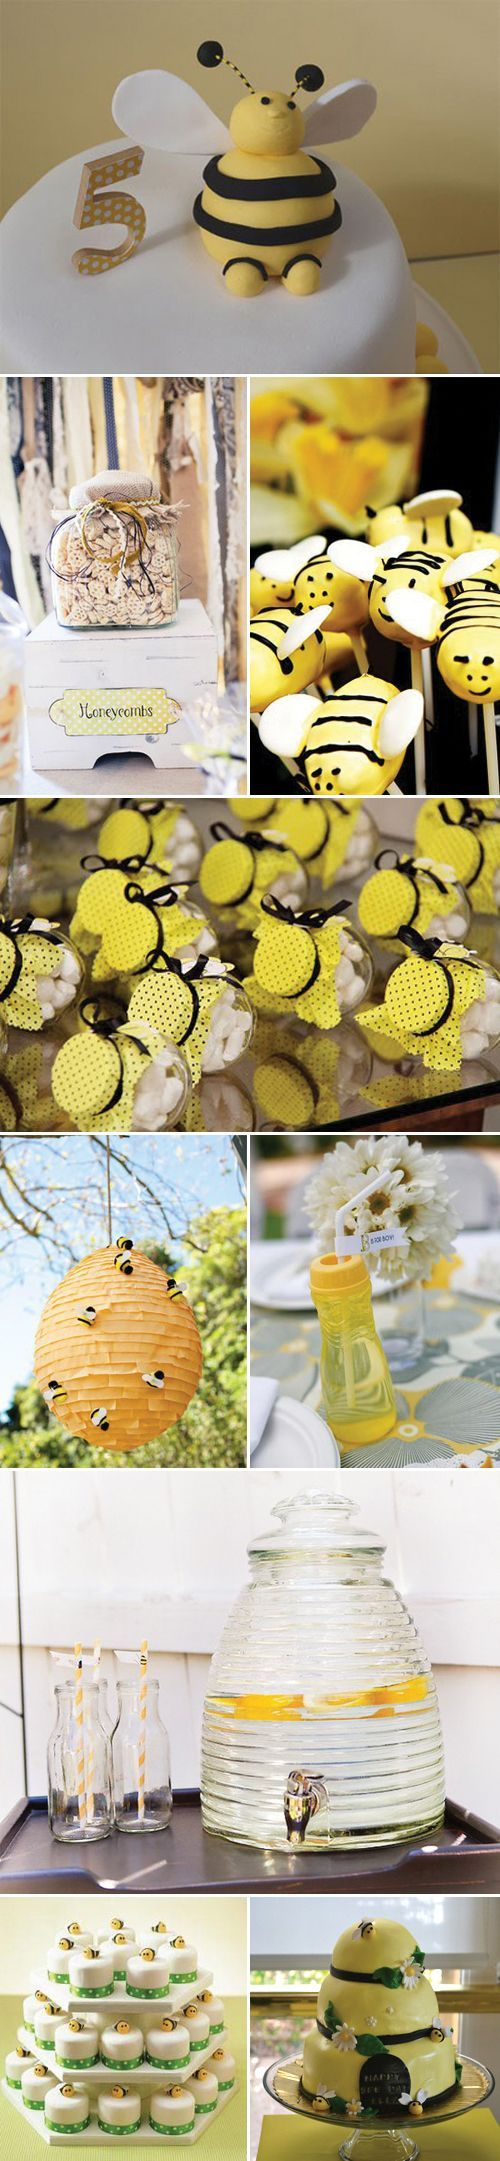 Из чего сделать пчелу своими руками 62